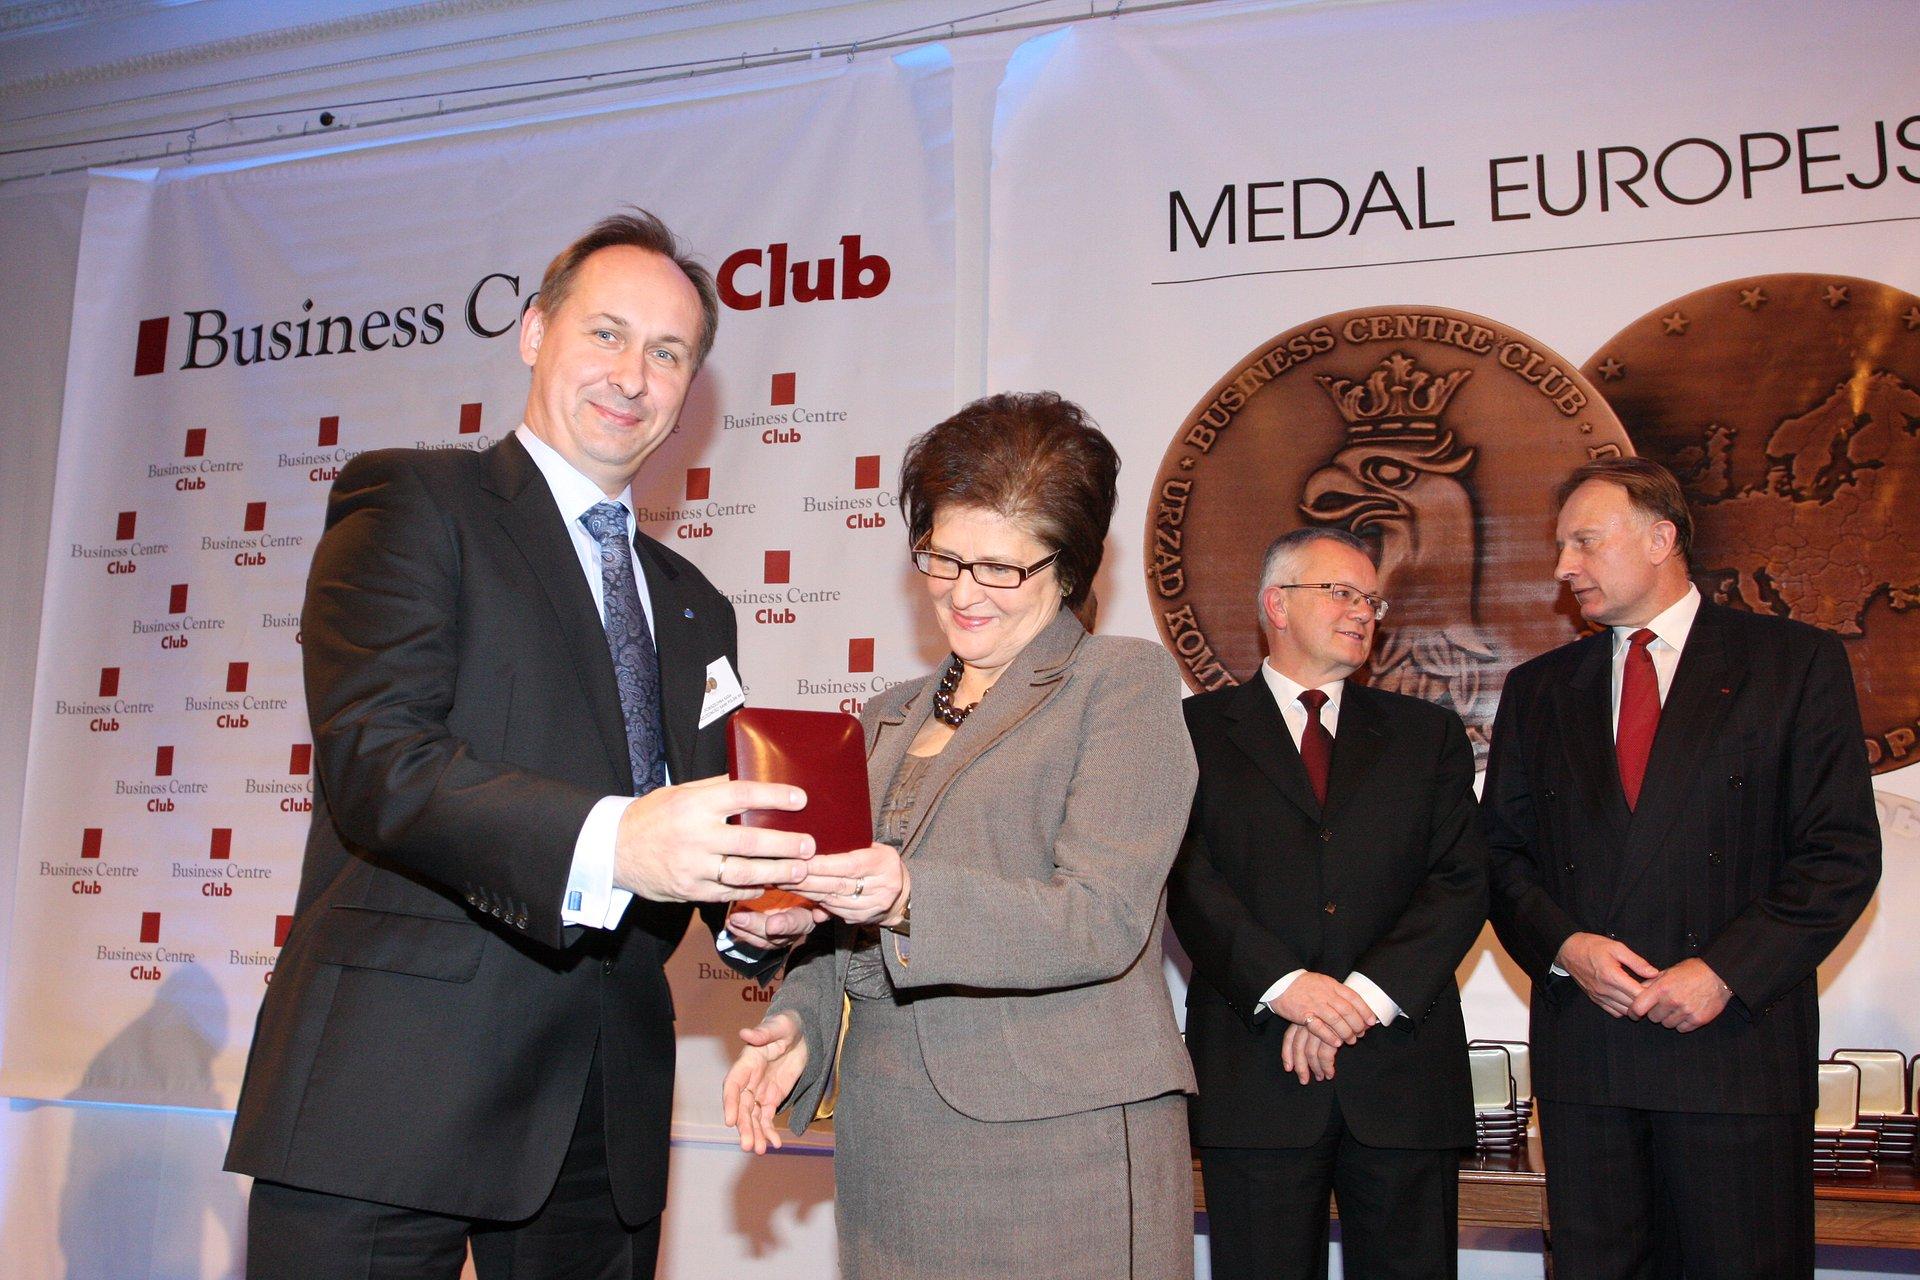 iPKO Biznes ponownie nagrodzony Medalem Europejskim